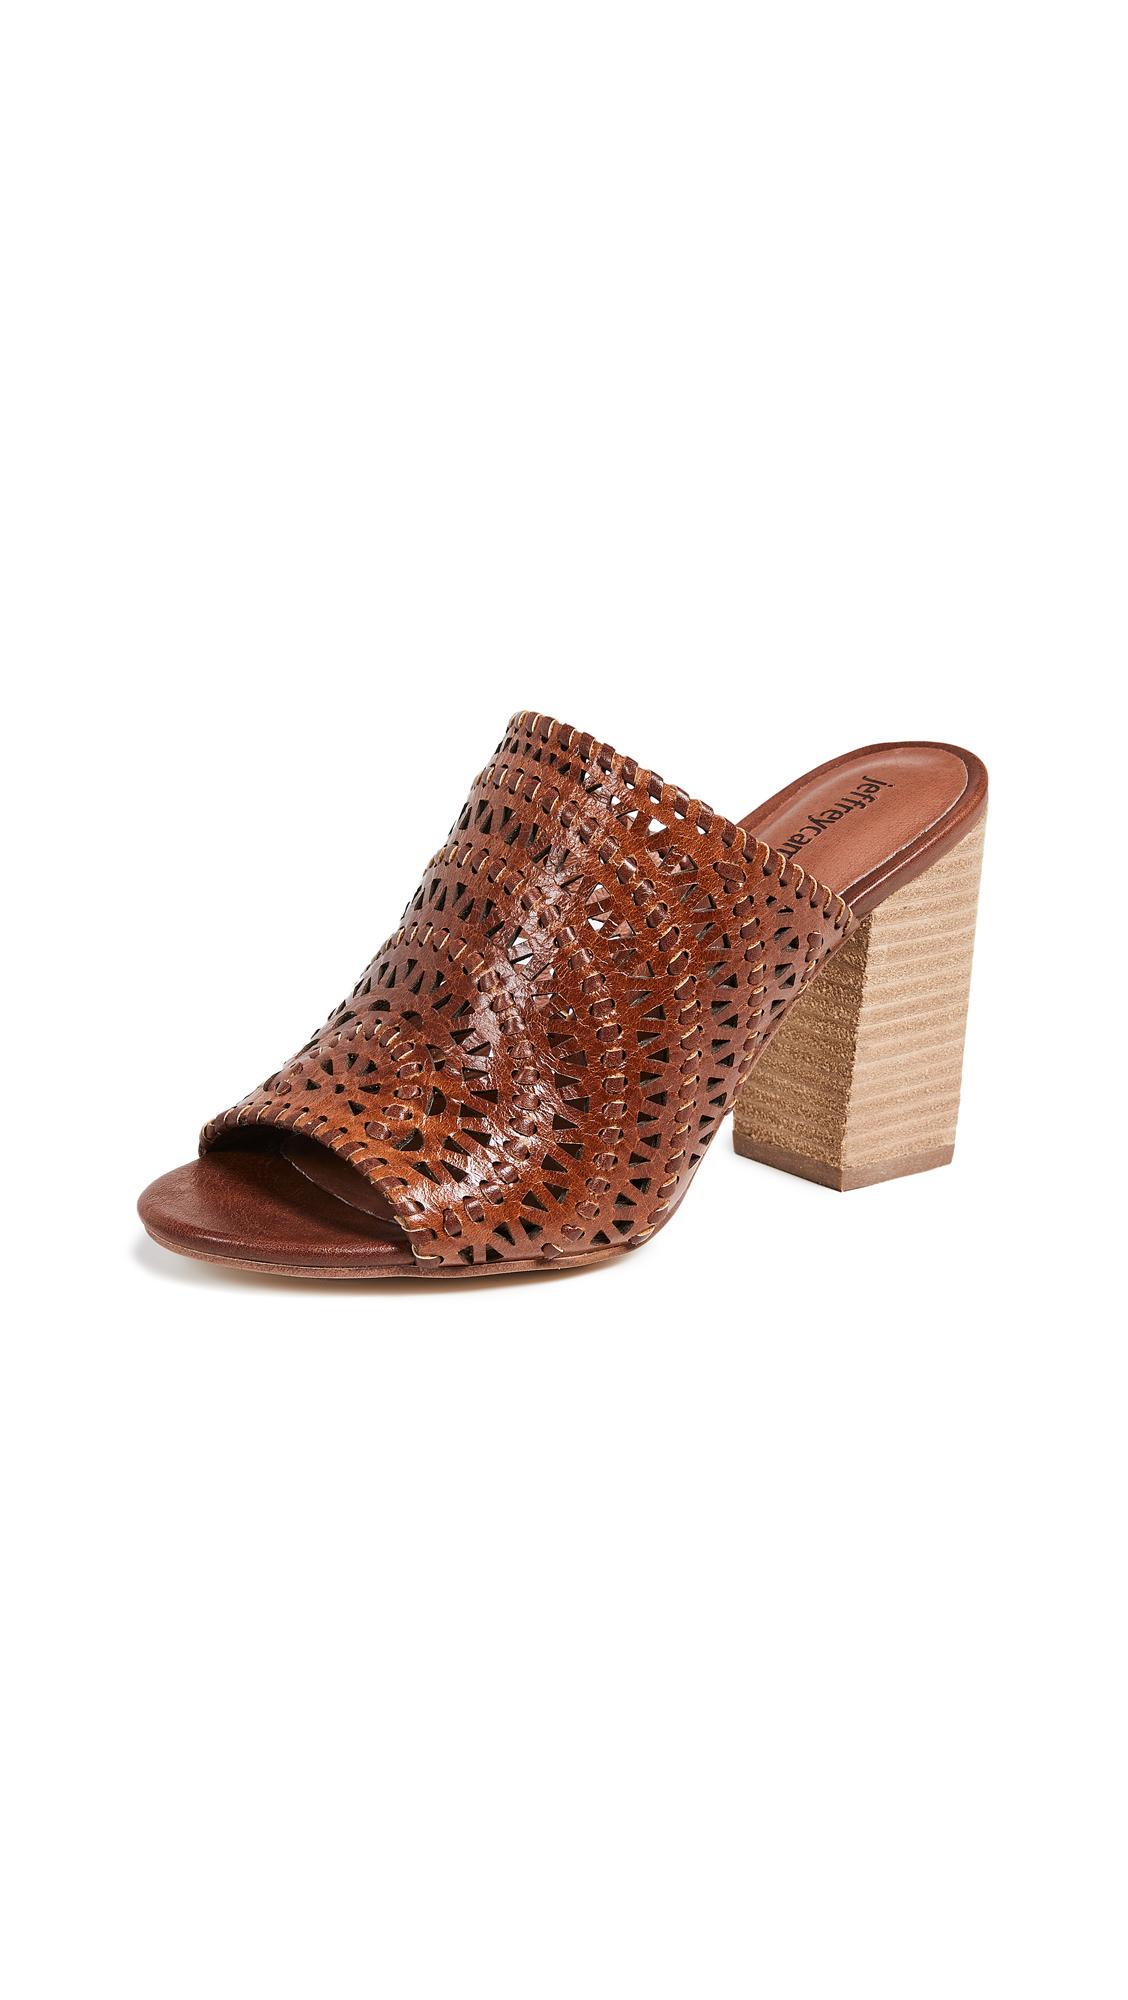 Jeffrey Campbell Kelowna Woven Block Heel Mules - Tan